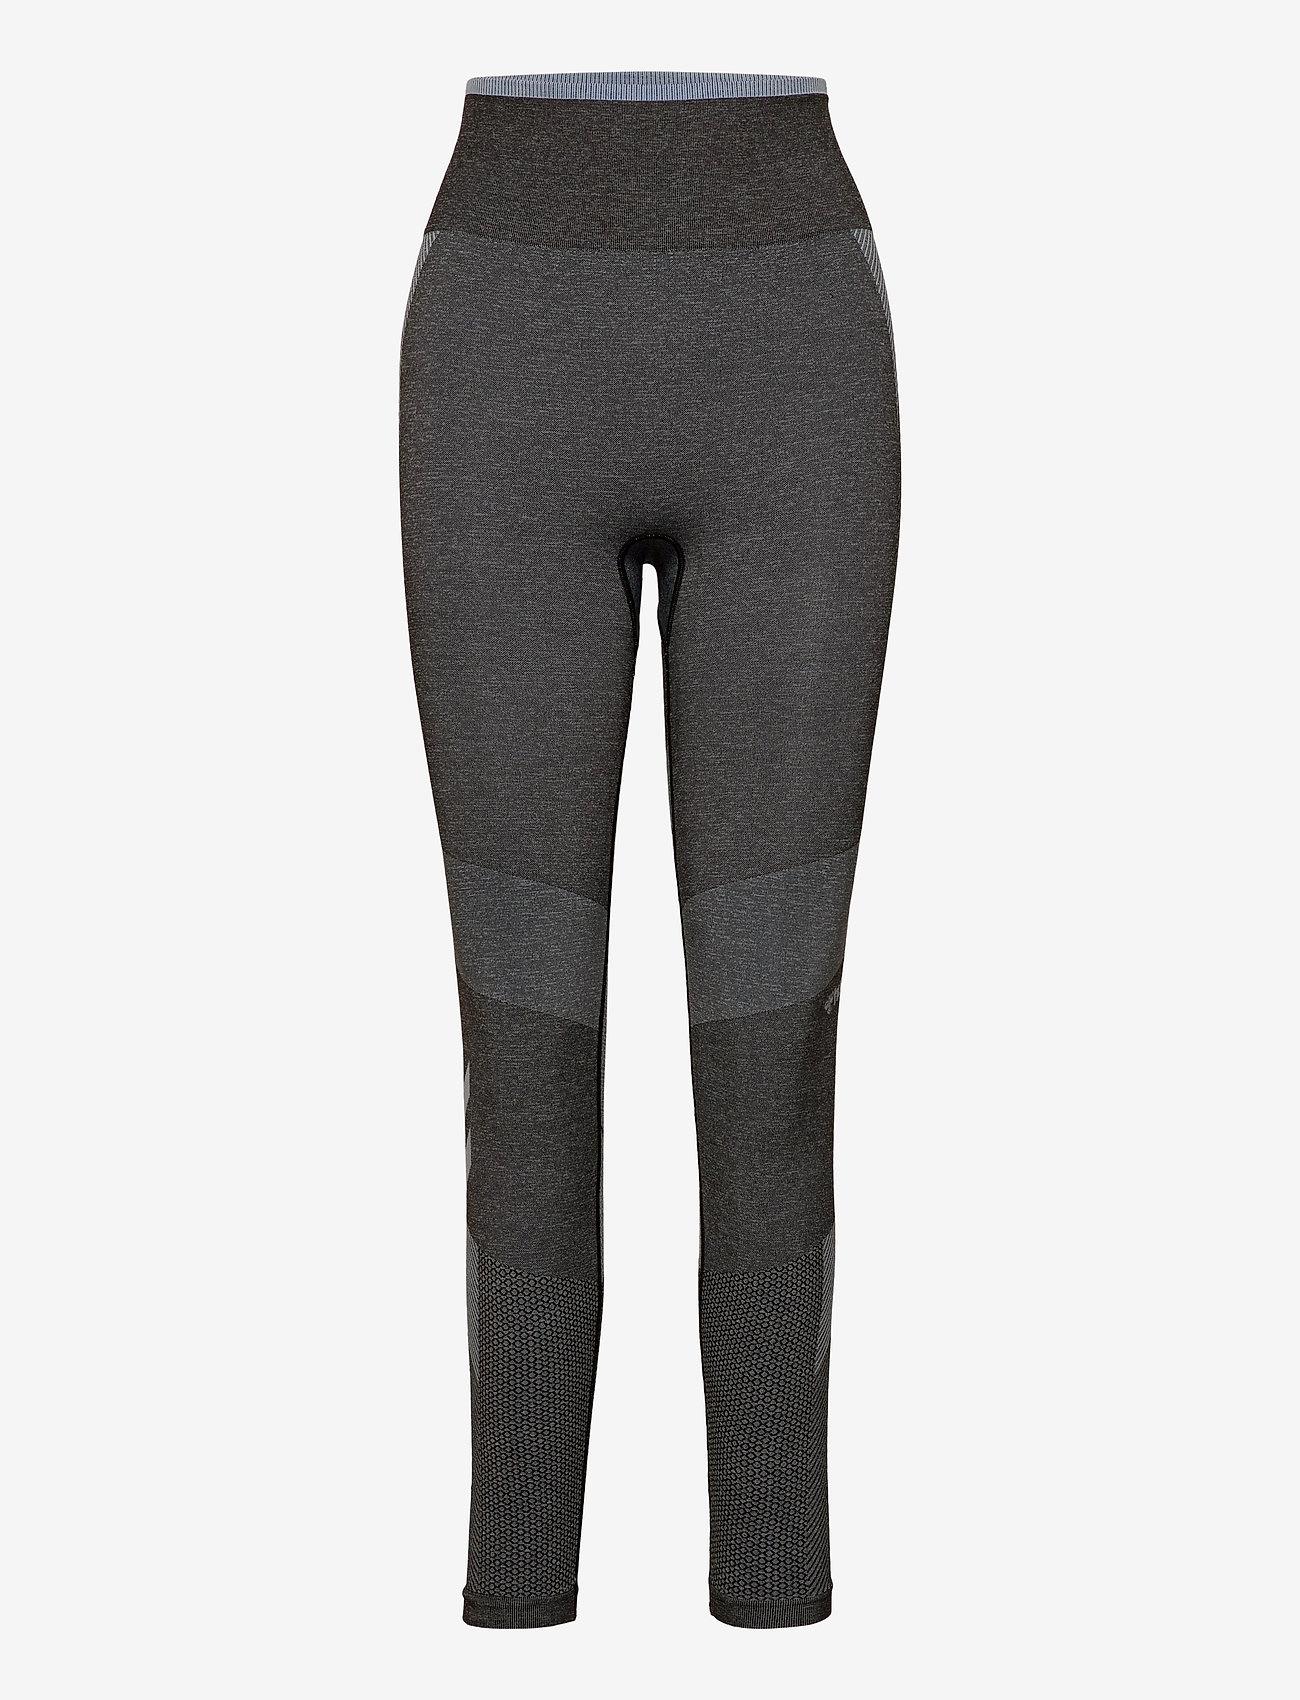 Hummel hmlSKY HIGH WAIST SEAMLESS TIGHTS - Leginsy BLACK/FADED DENIM - Kobiety Odzież.